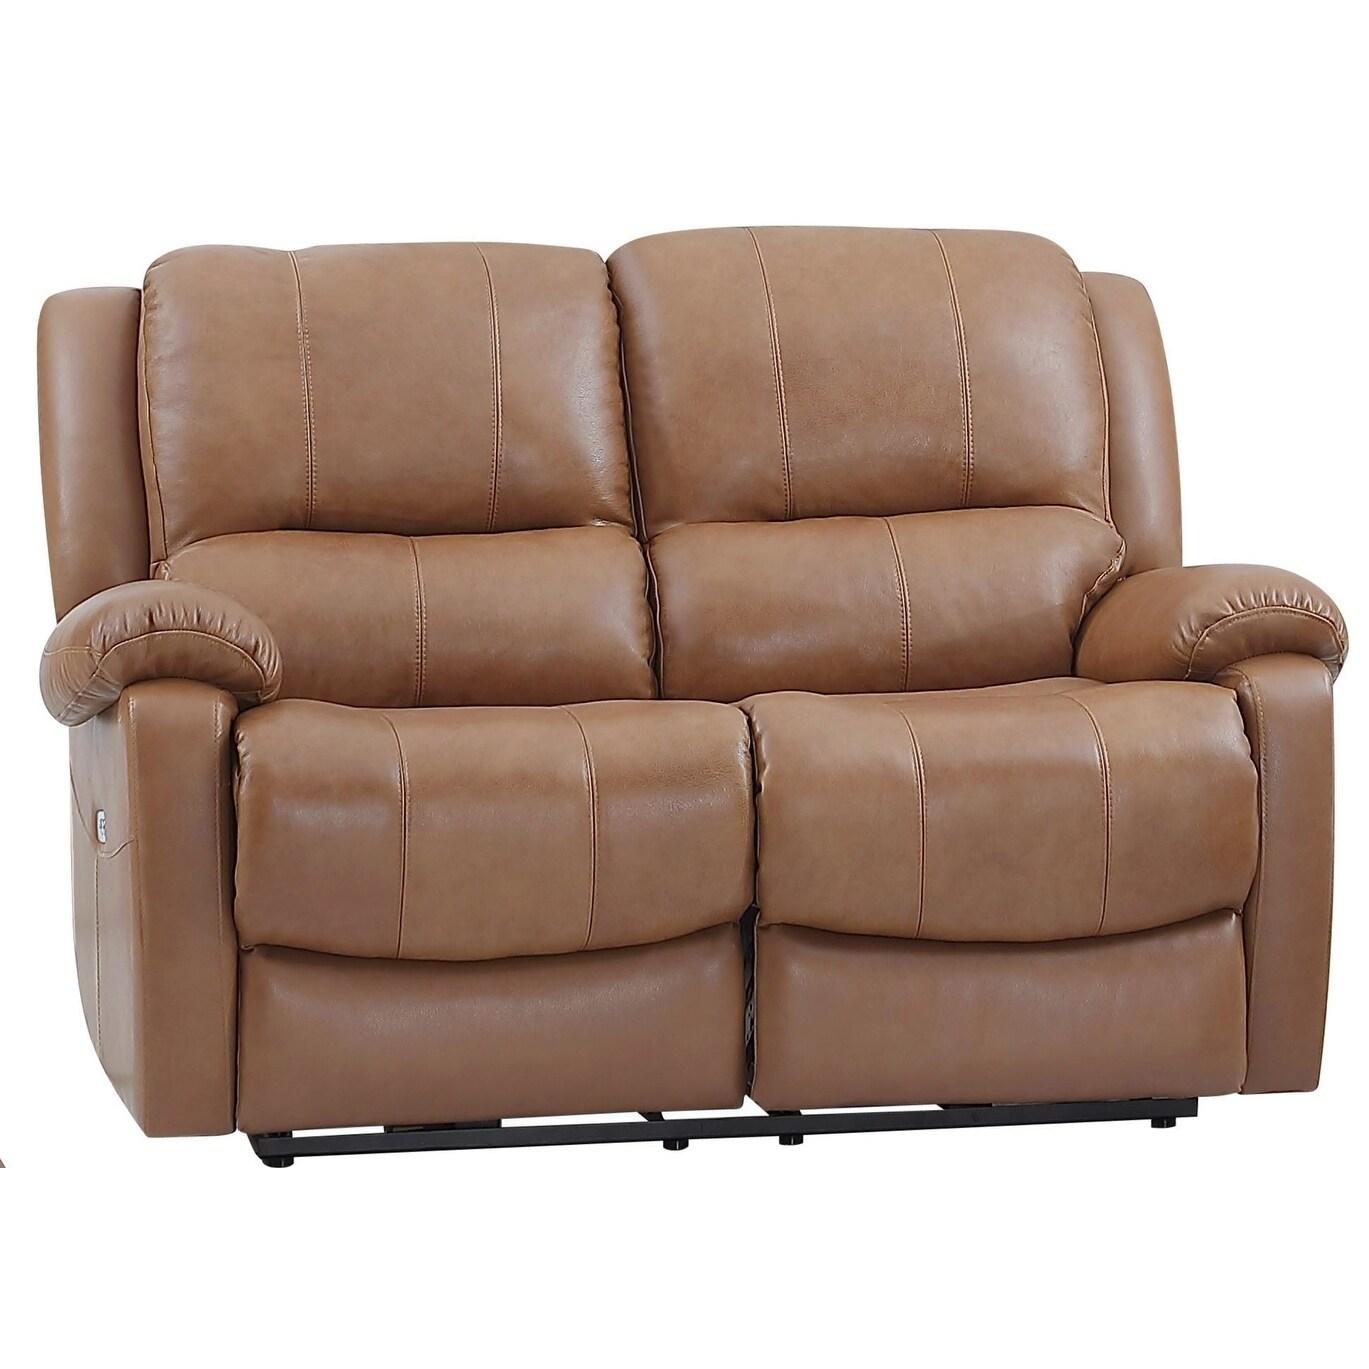 Astounding Mervin Top Grain Leather Power Reclining Loveseat Short Links Chair Design For Home Short Linksinfo